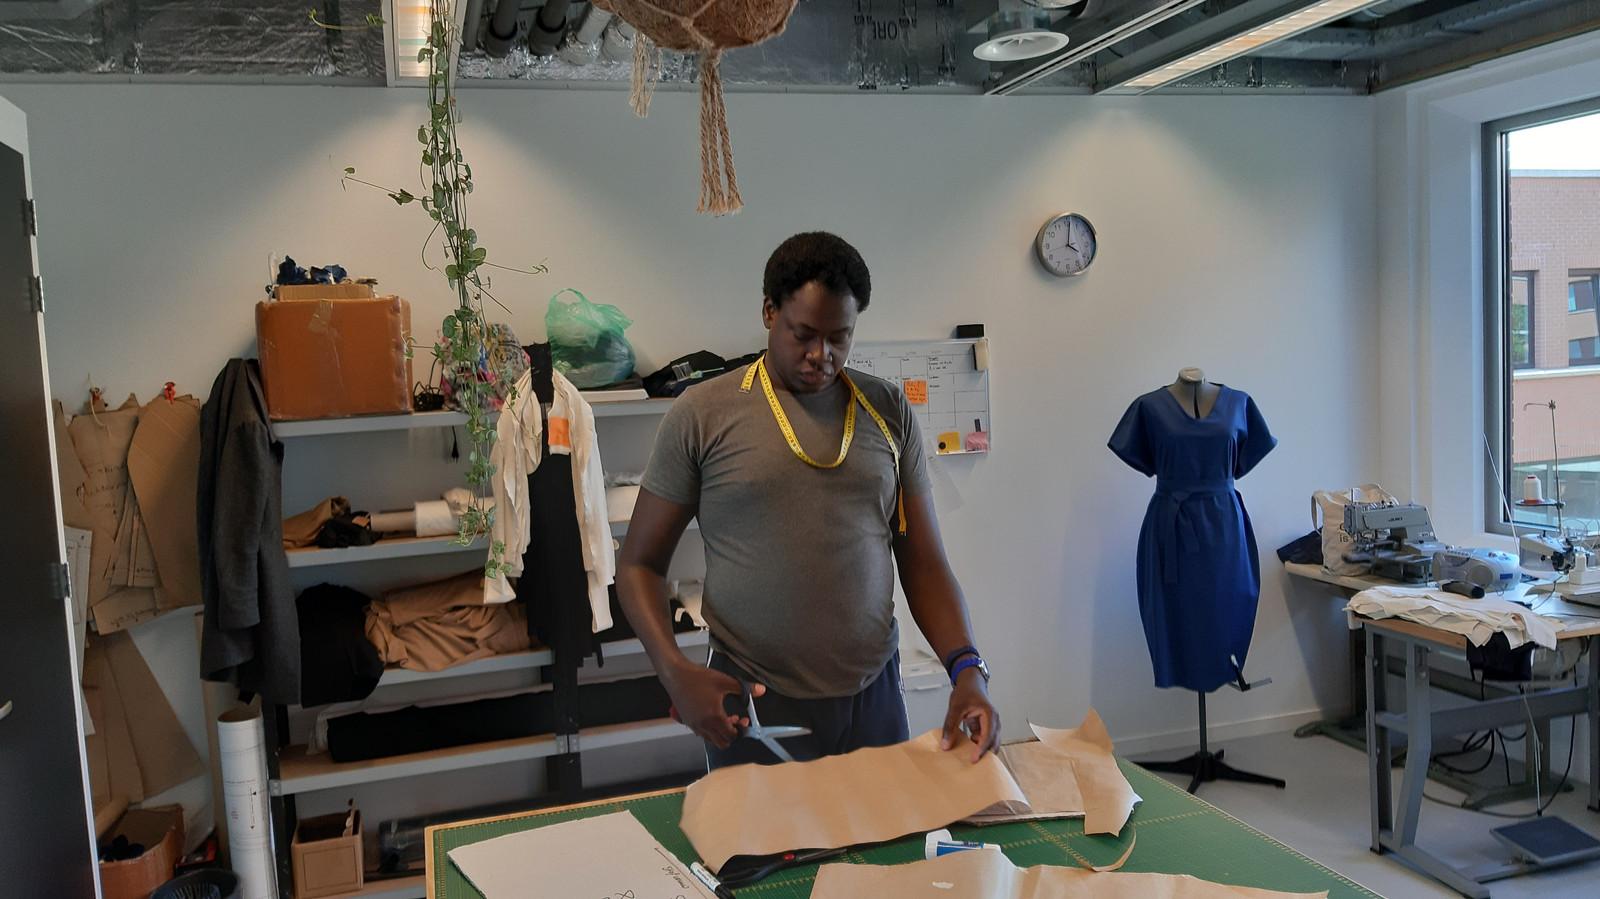 Medewerker Kevin is druk bezig in de atelier van Van der Star.